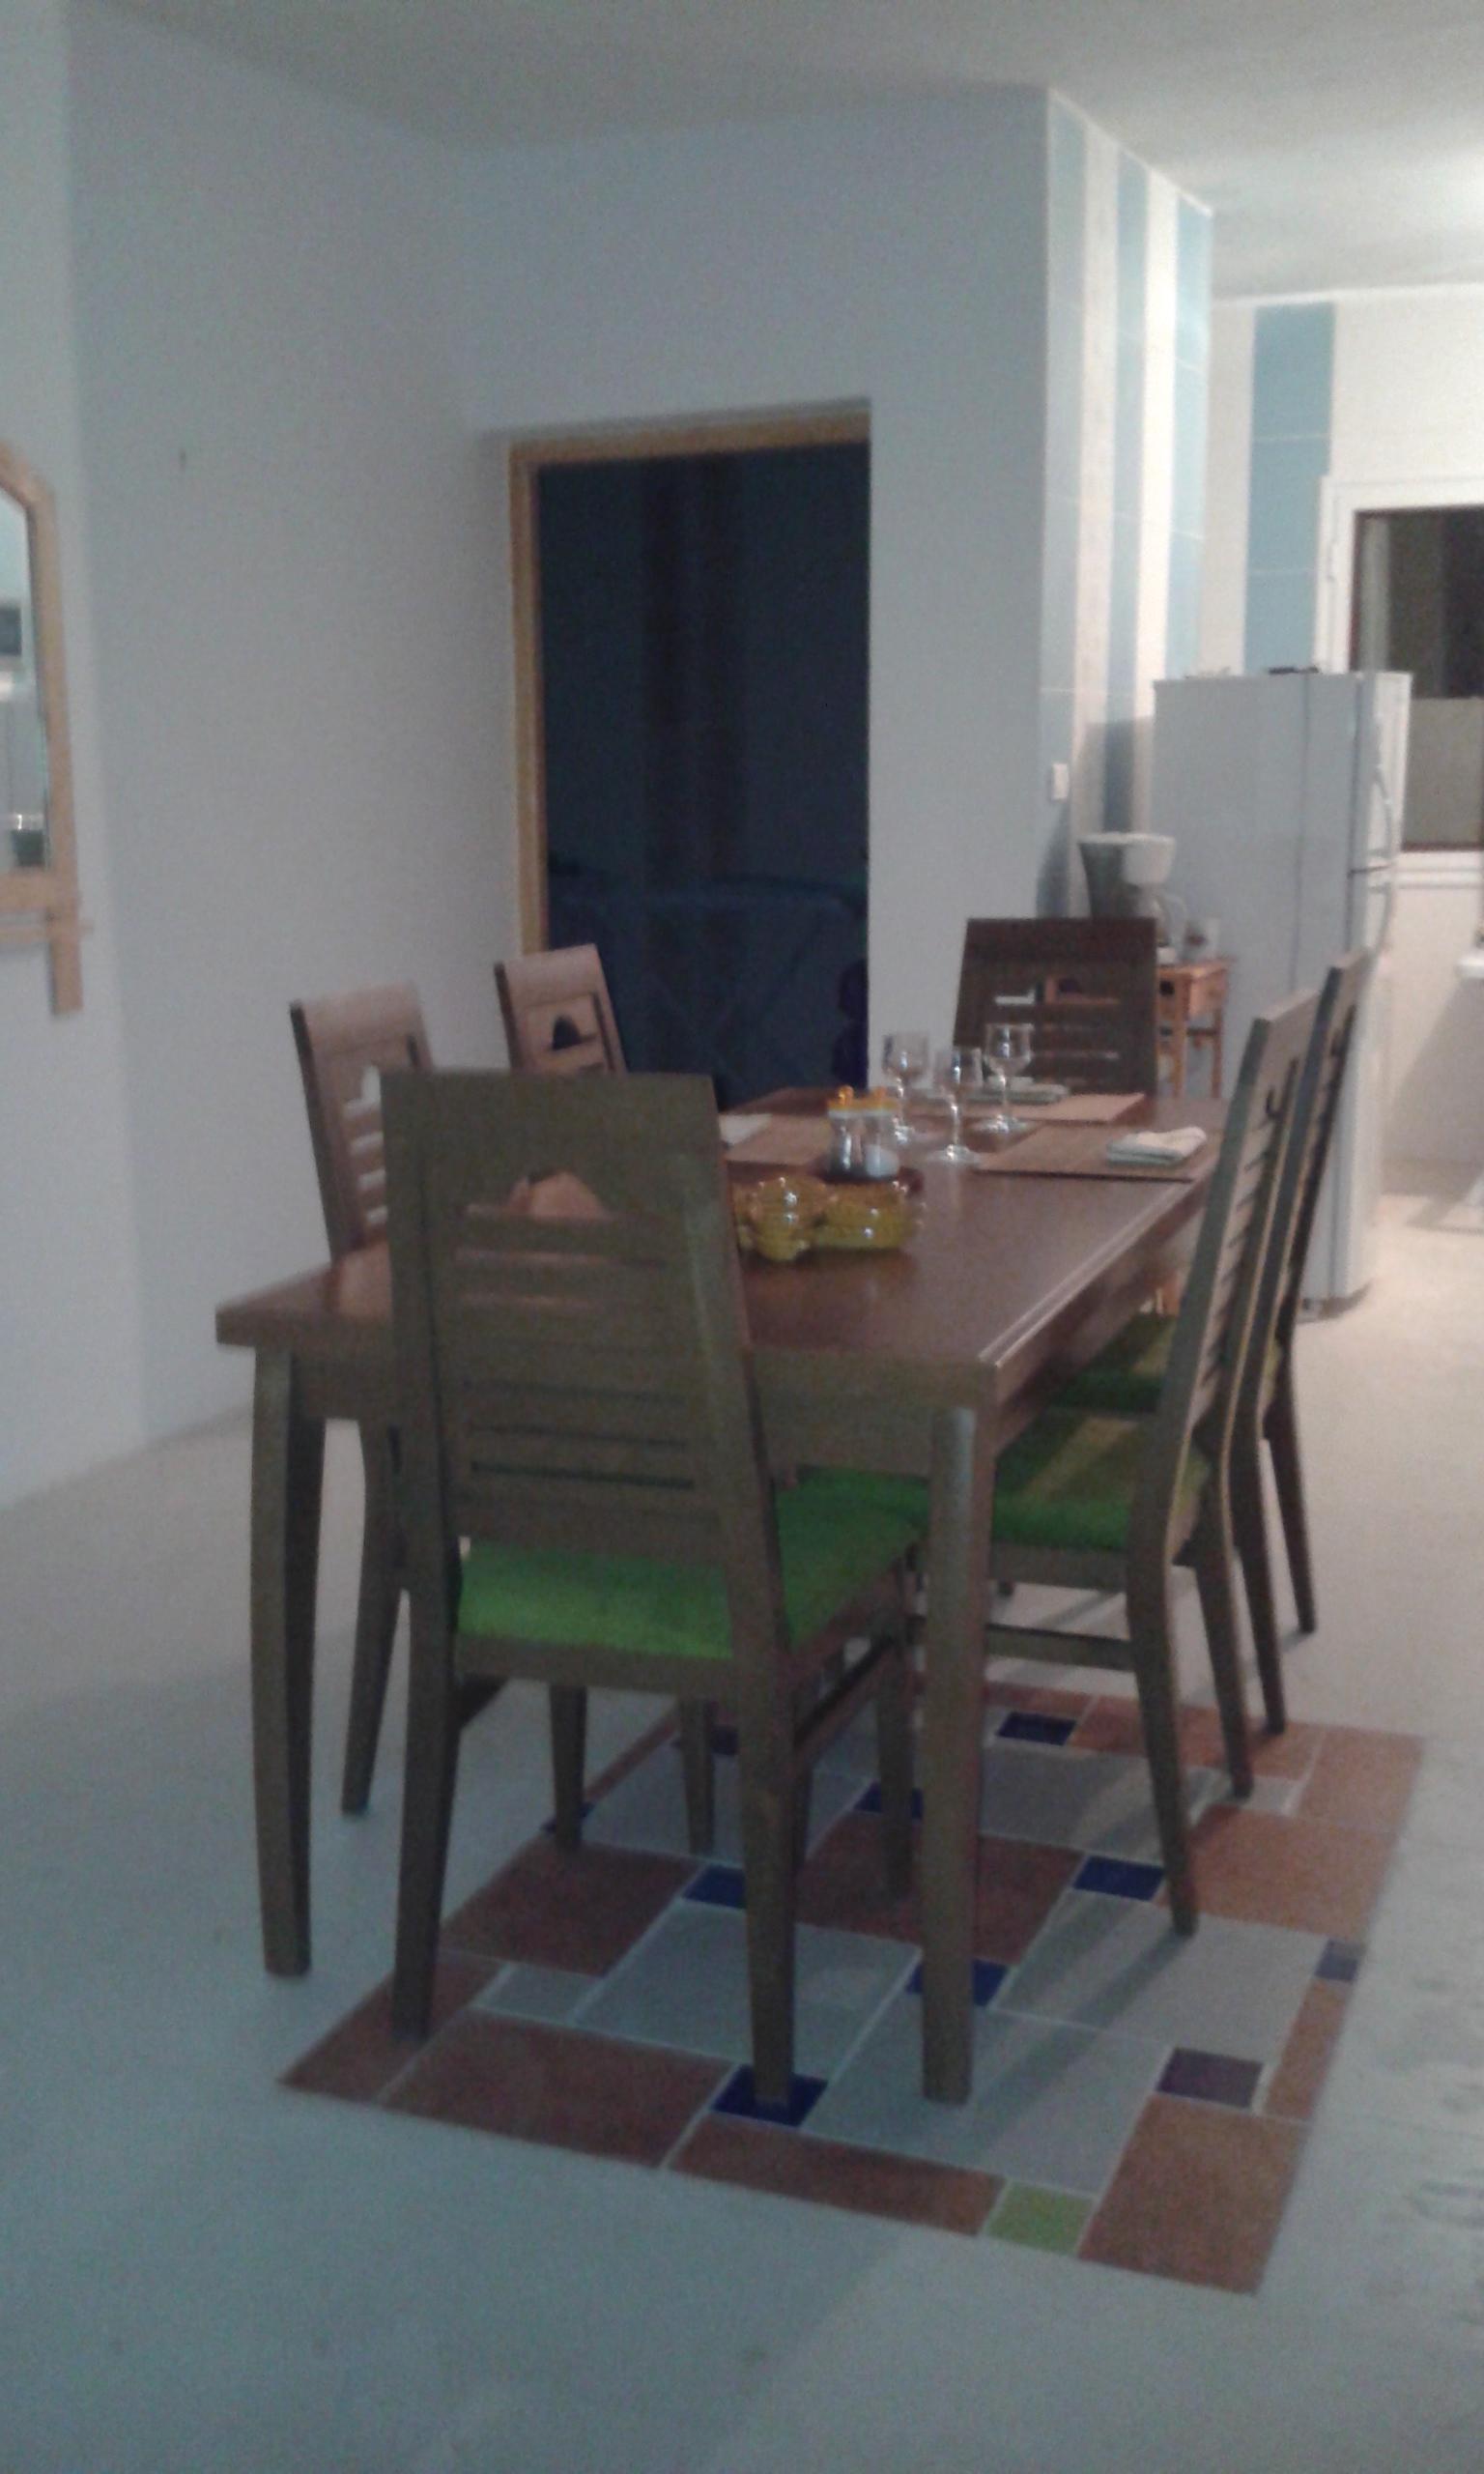 Notre nouvelle table dans notre maison a zarzis